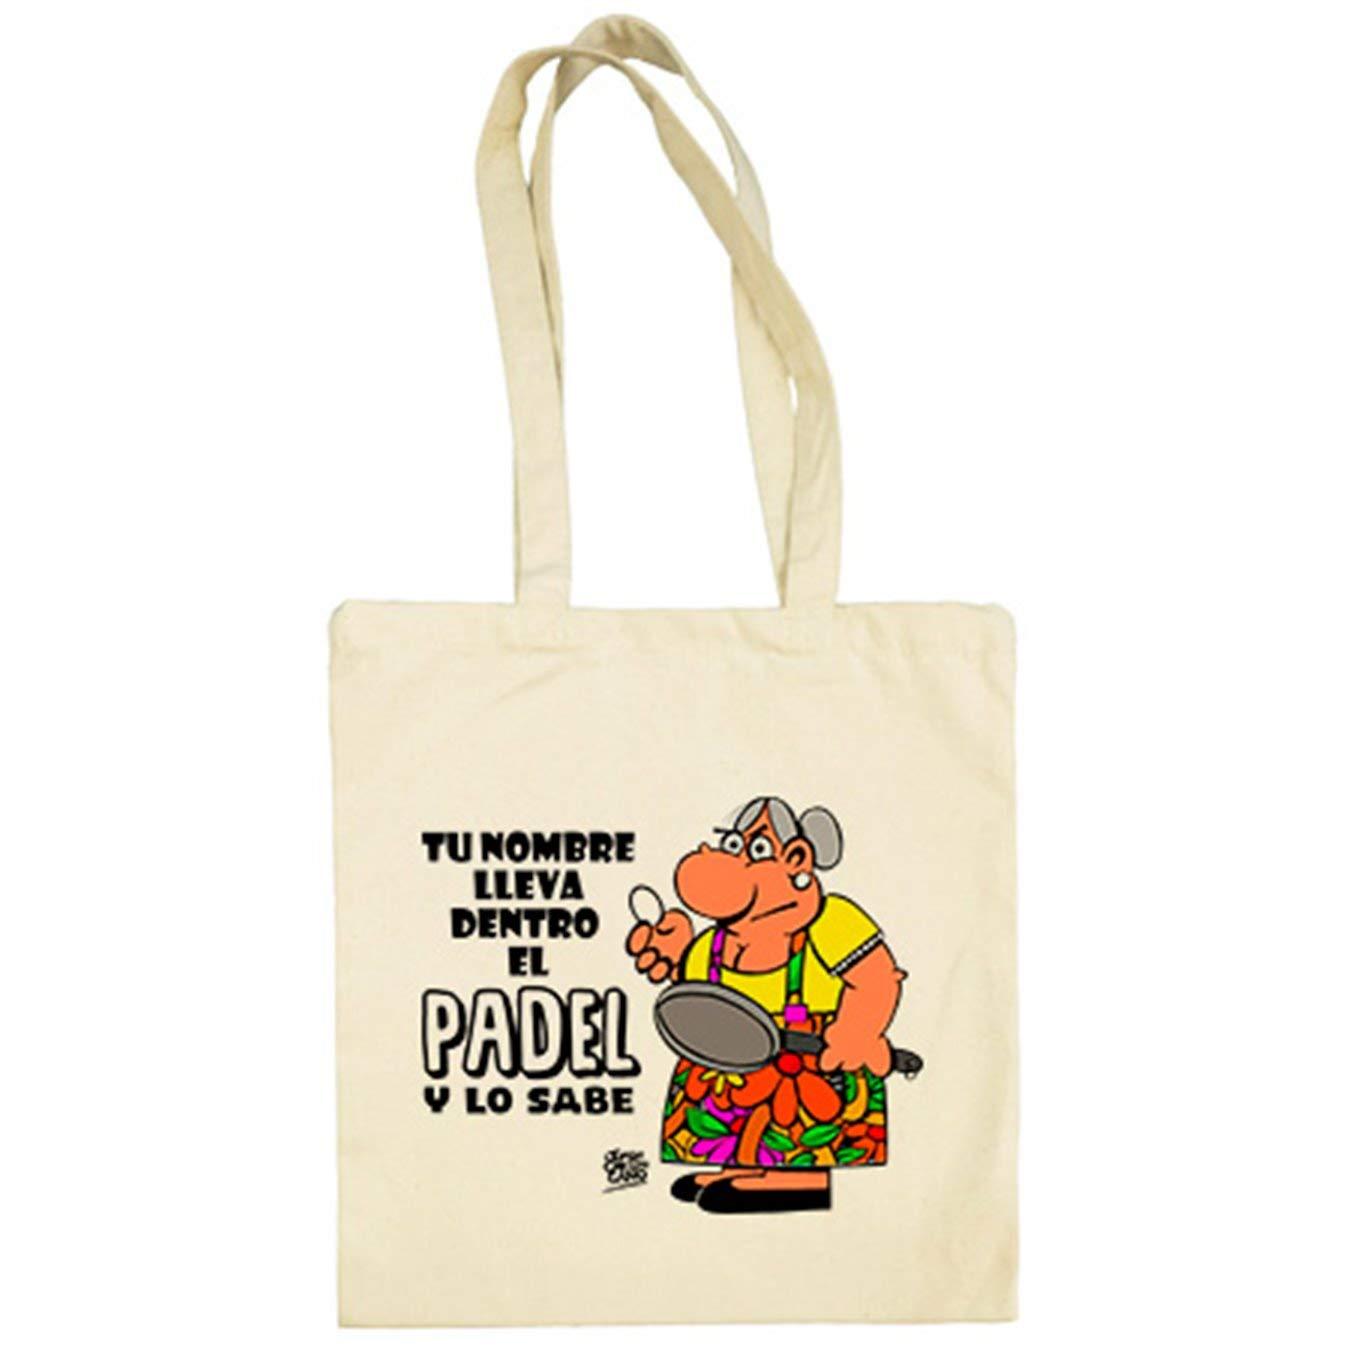 Bolsa de Tela llevas Dentro el Padel y lo Sabes Personalizable con Nombre - Beige, 38 x 42 cm: Amazon.es: Equipaje